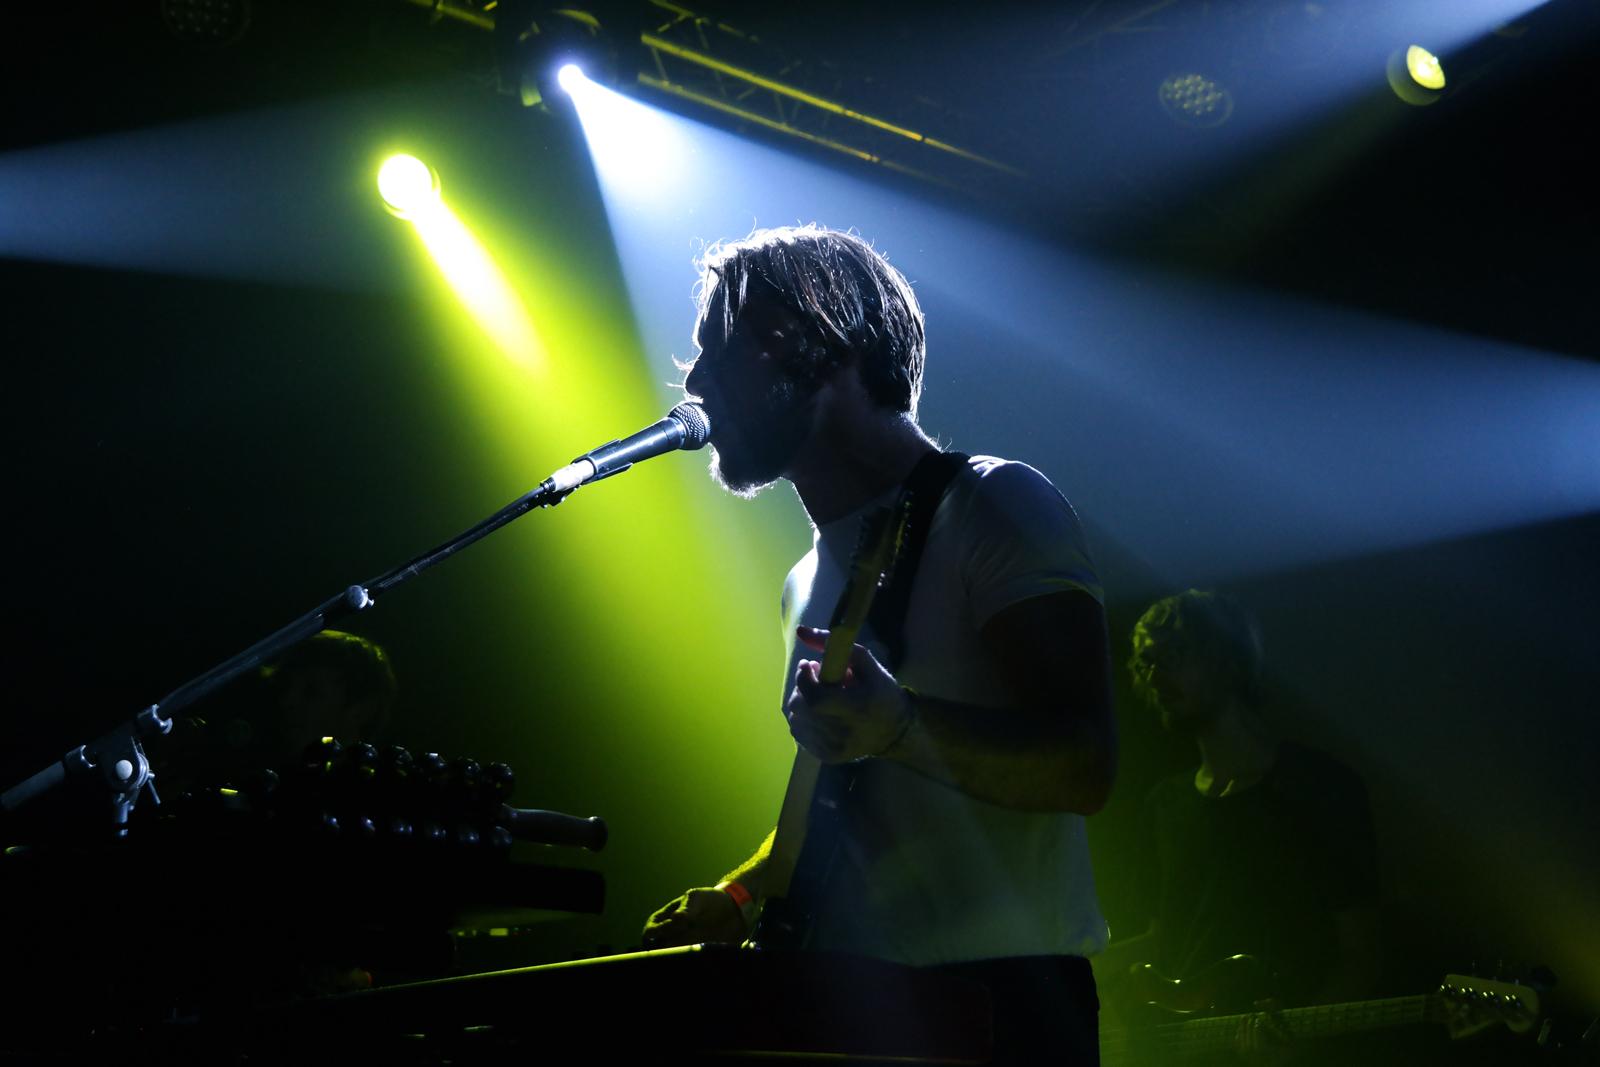 Samba de la muerte groupe concert live festival Printemps de Bourges 2016 Adrian Leprêtre à la guitare album Colors photo de scène usofparis blog